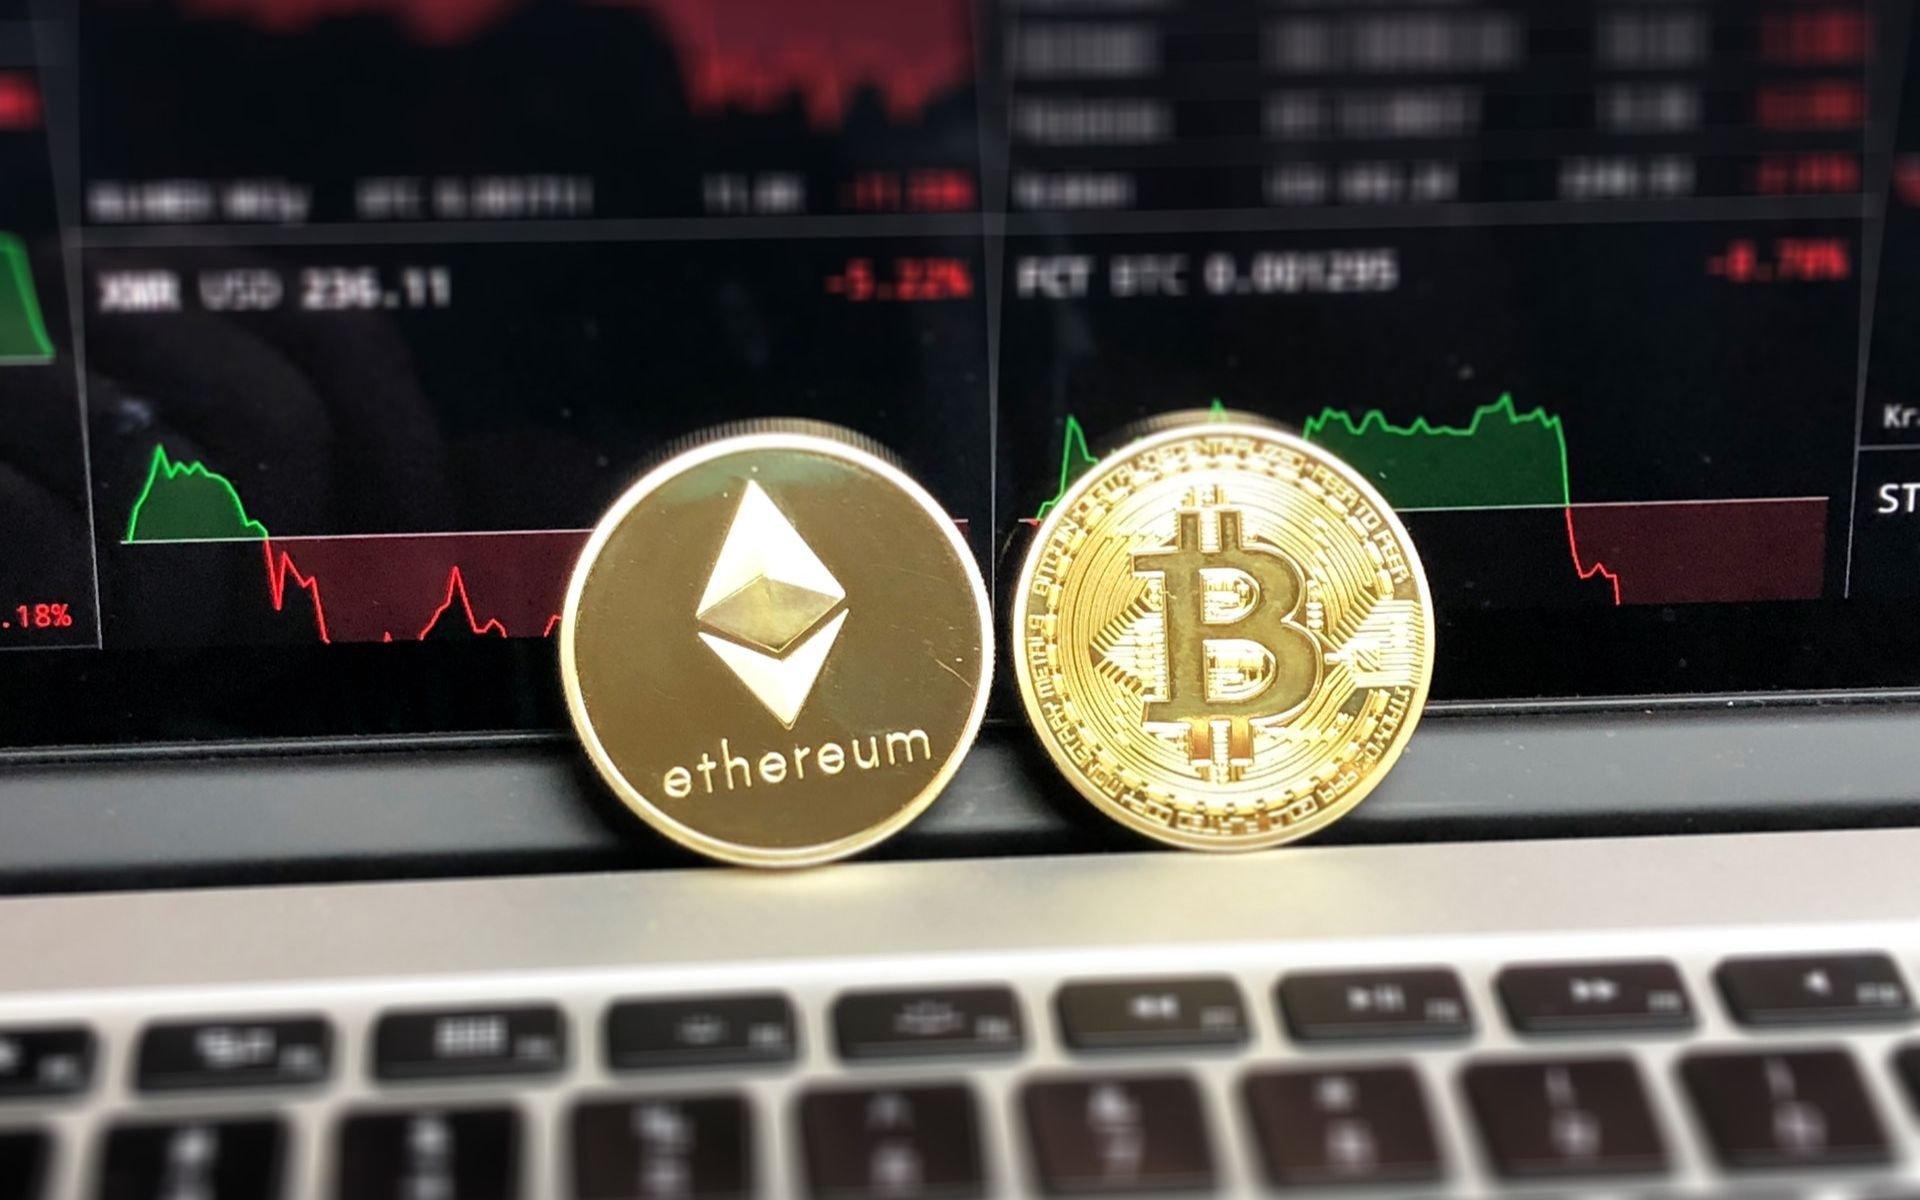 Kripto Para Borsaları Bitcoin BTC İçin Boğa Sezonuna Ethereum ETH İçin Ayı Sezonuna İşaret Ediyor